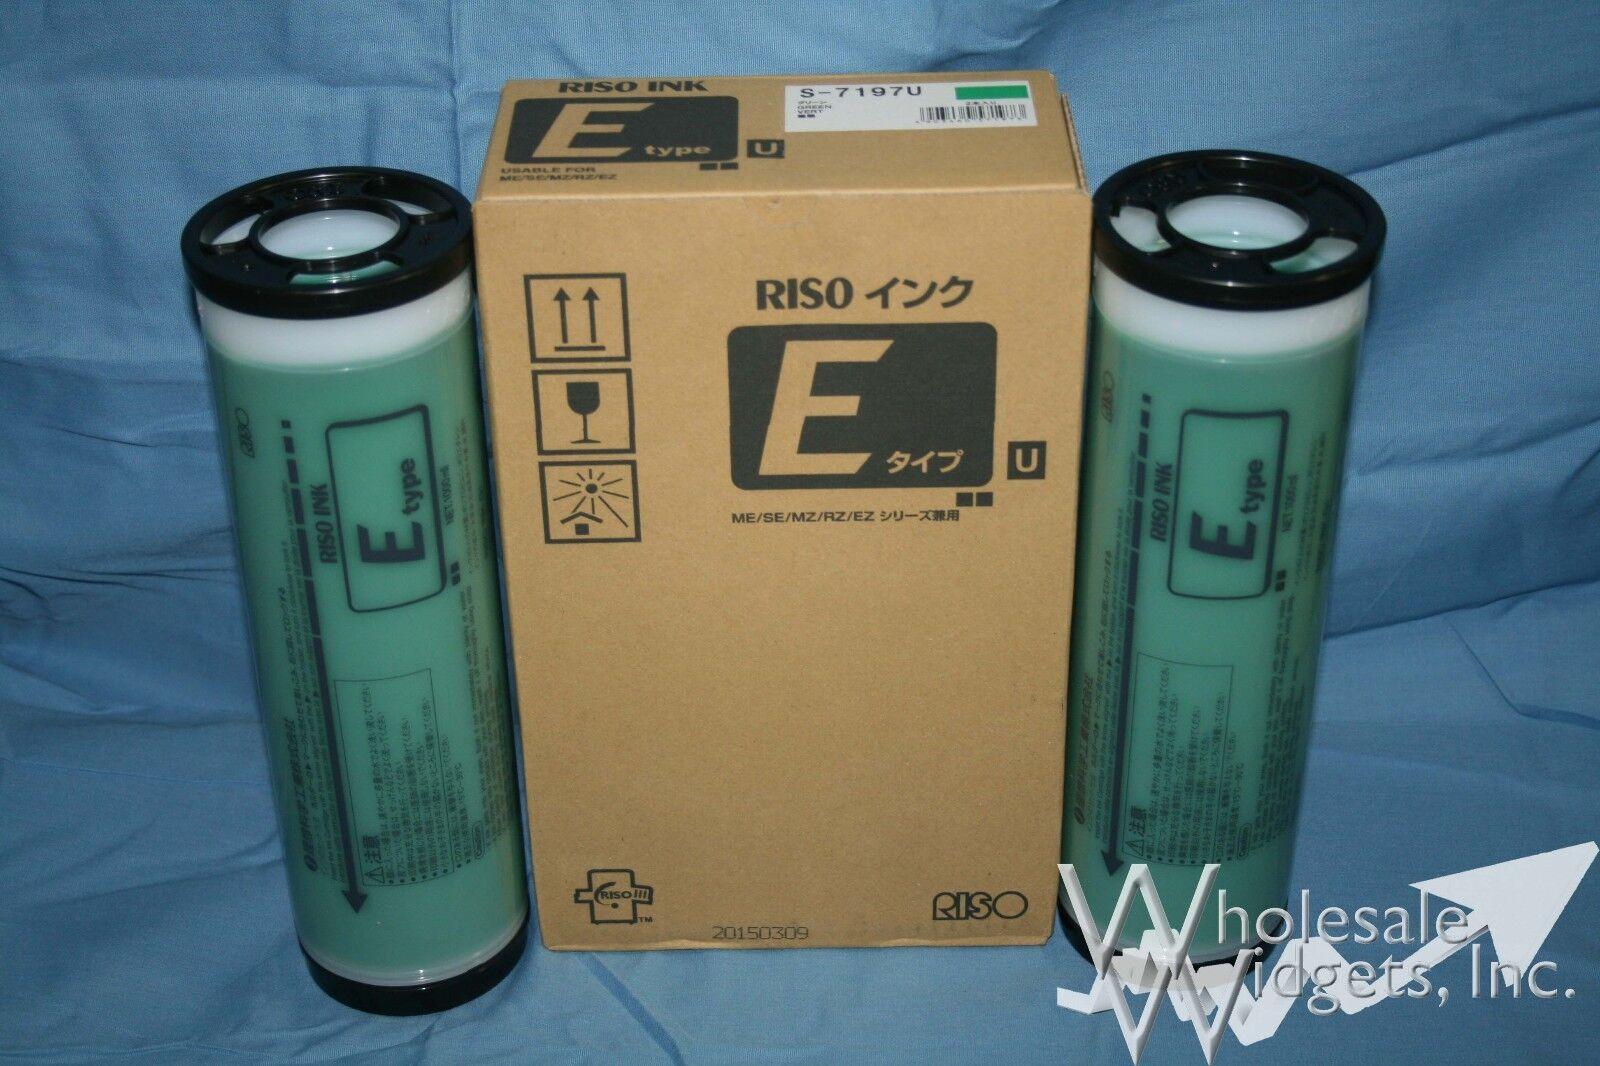 2 Genuine Riso S-7197 Green Ink Risograph S-4259 Ez Mz Rz...